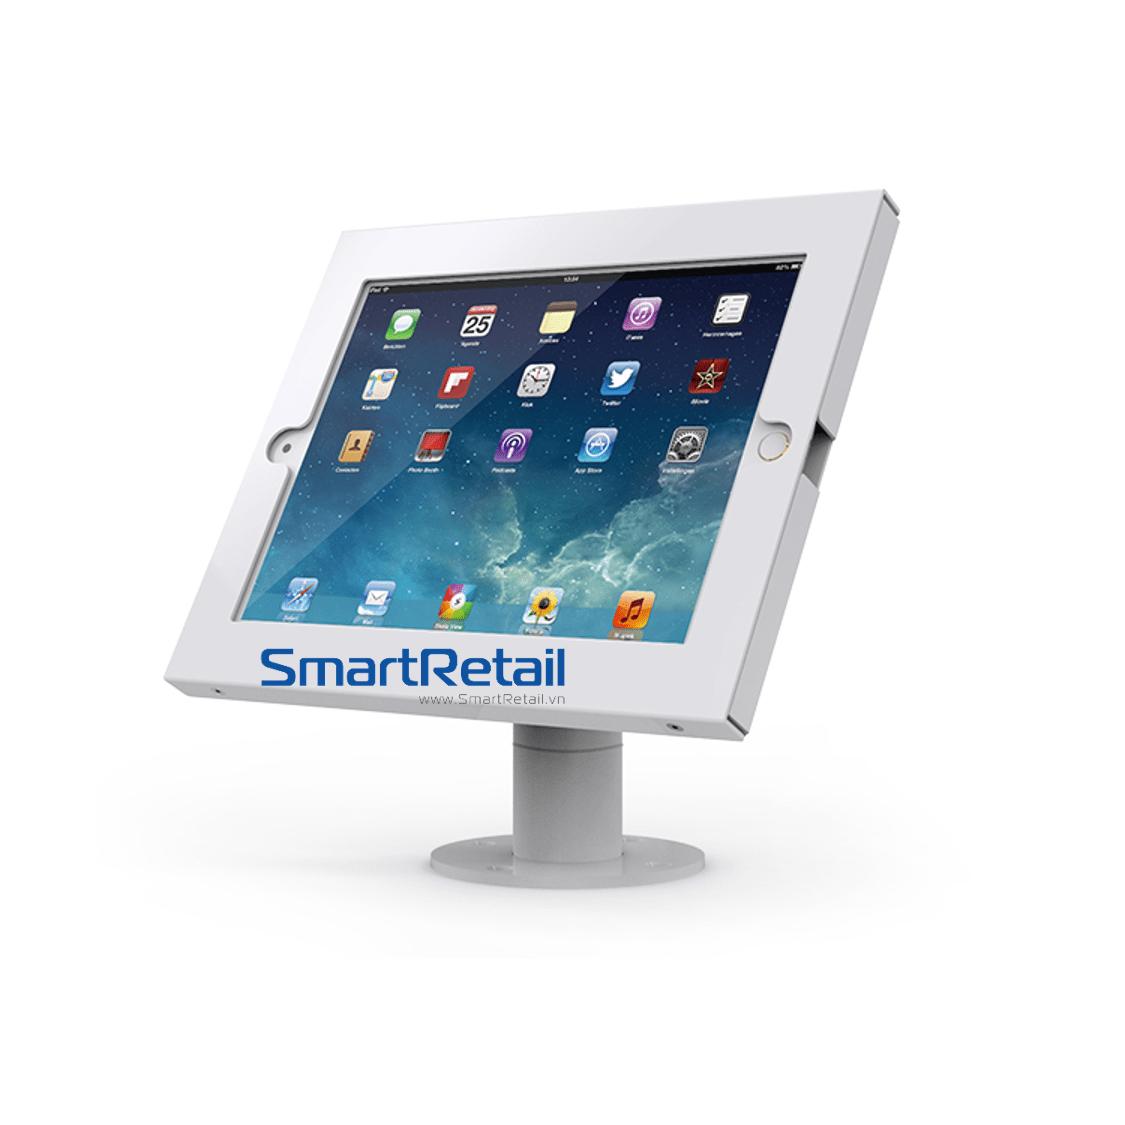 Giá đỡ máy tính bảng để bàn SC-201 - SmartRetail - 0935888489